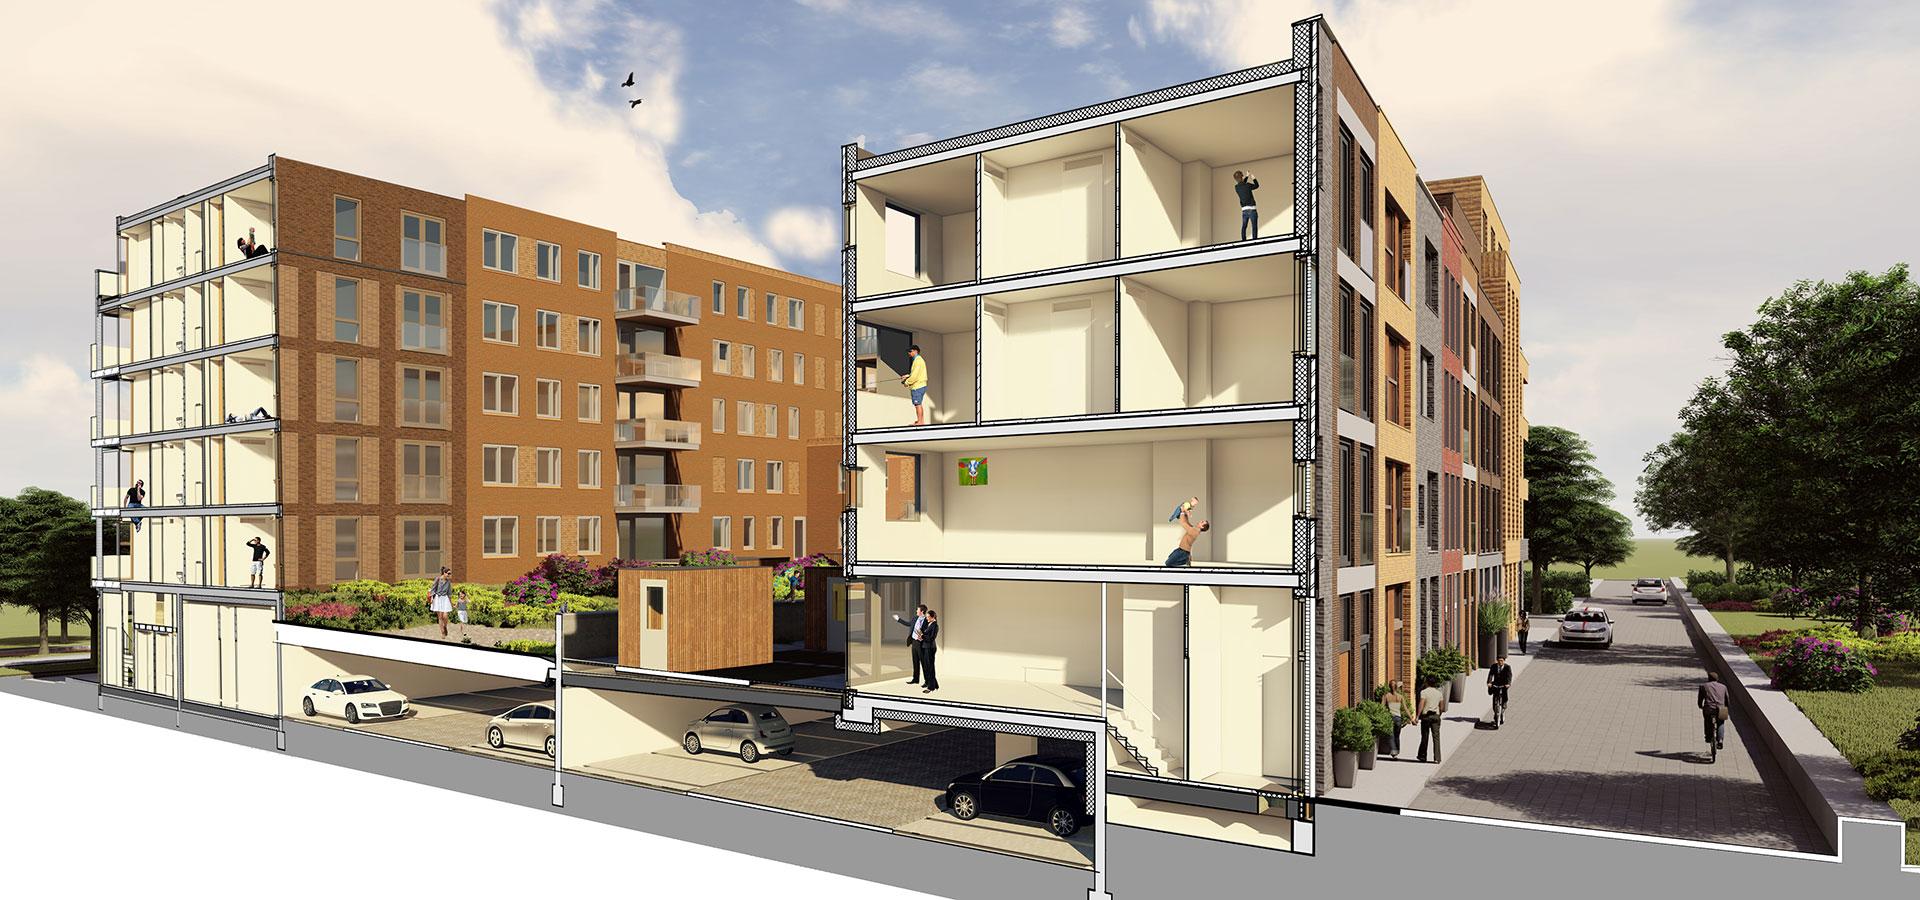 FARO architectenvan Leeuwenhoekkwartier Delft 3D doorsnede